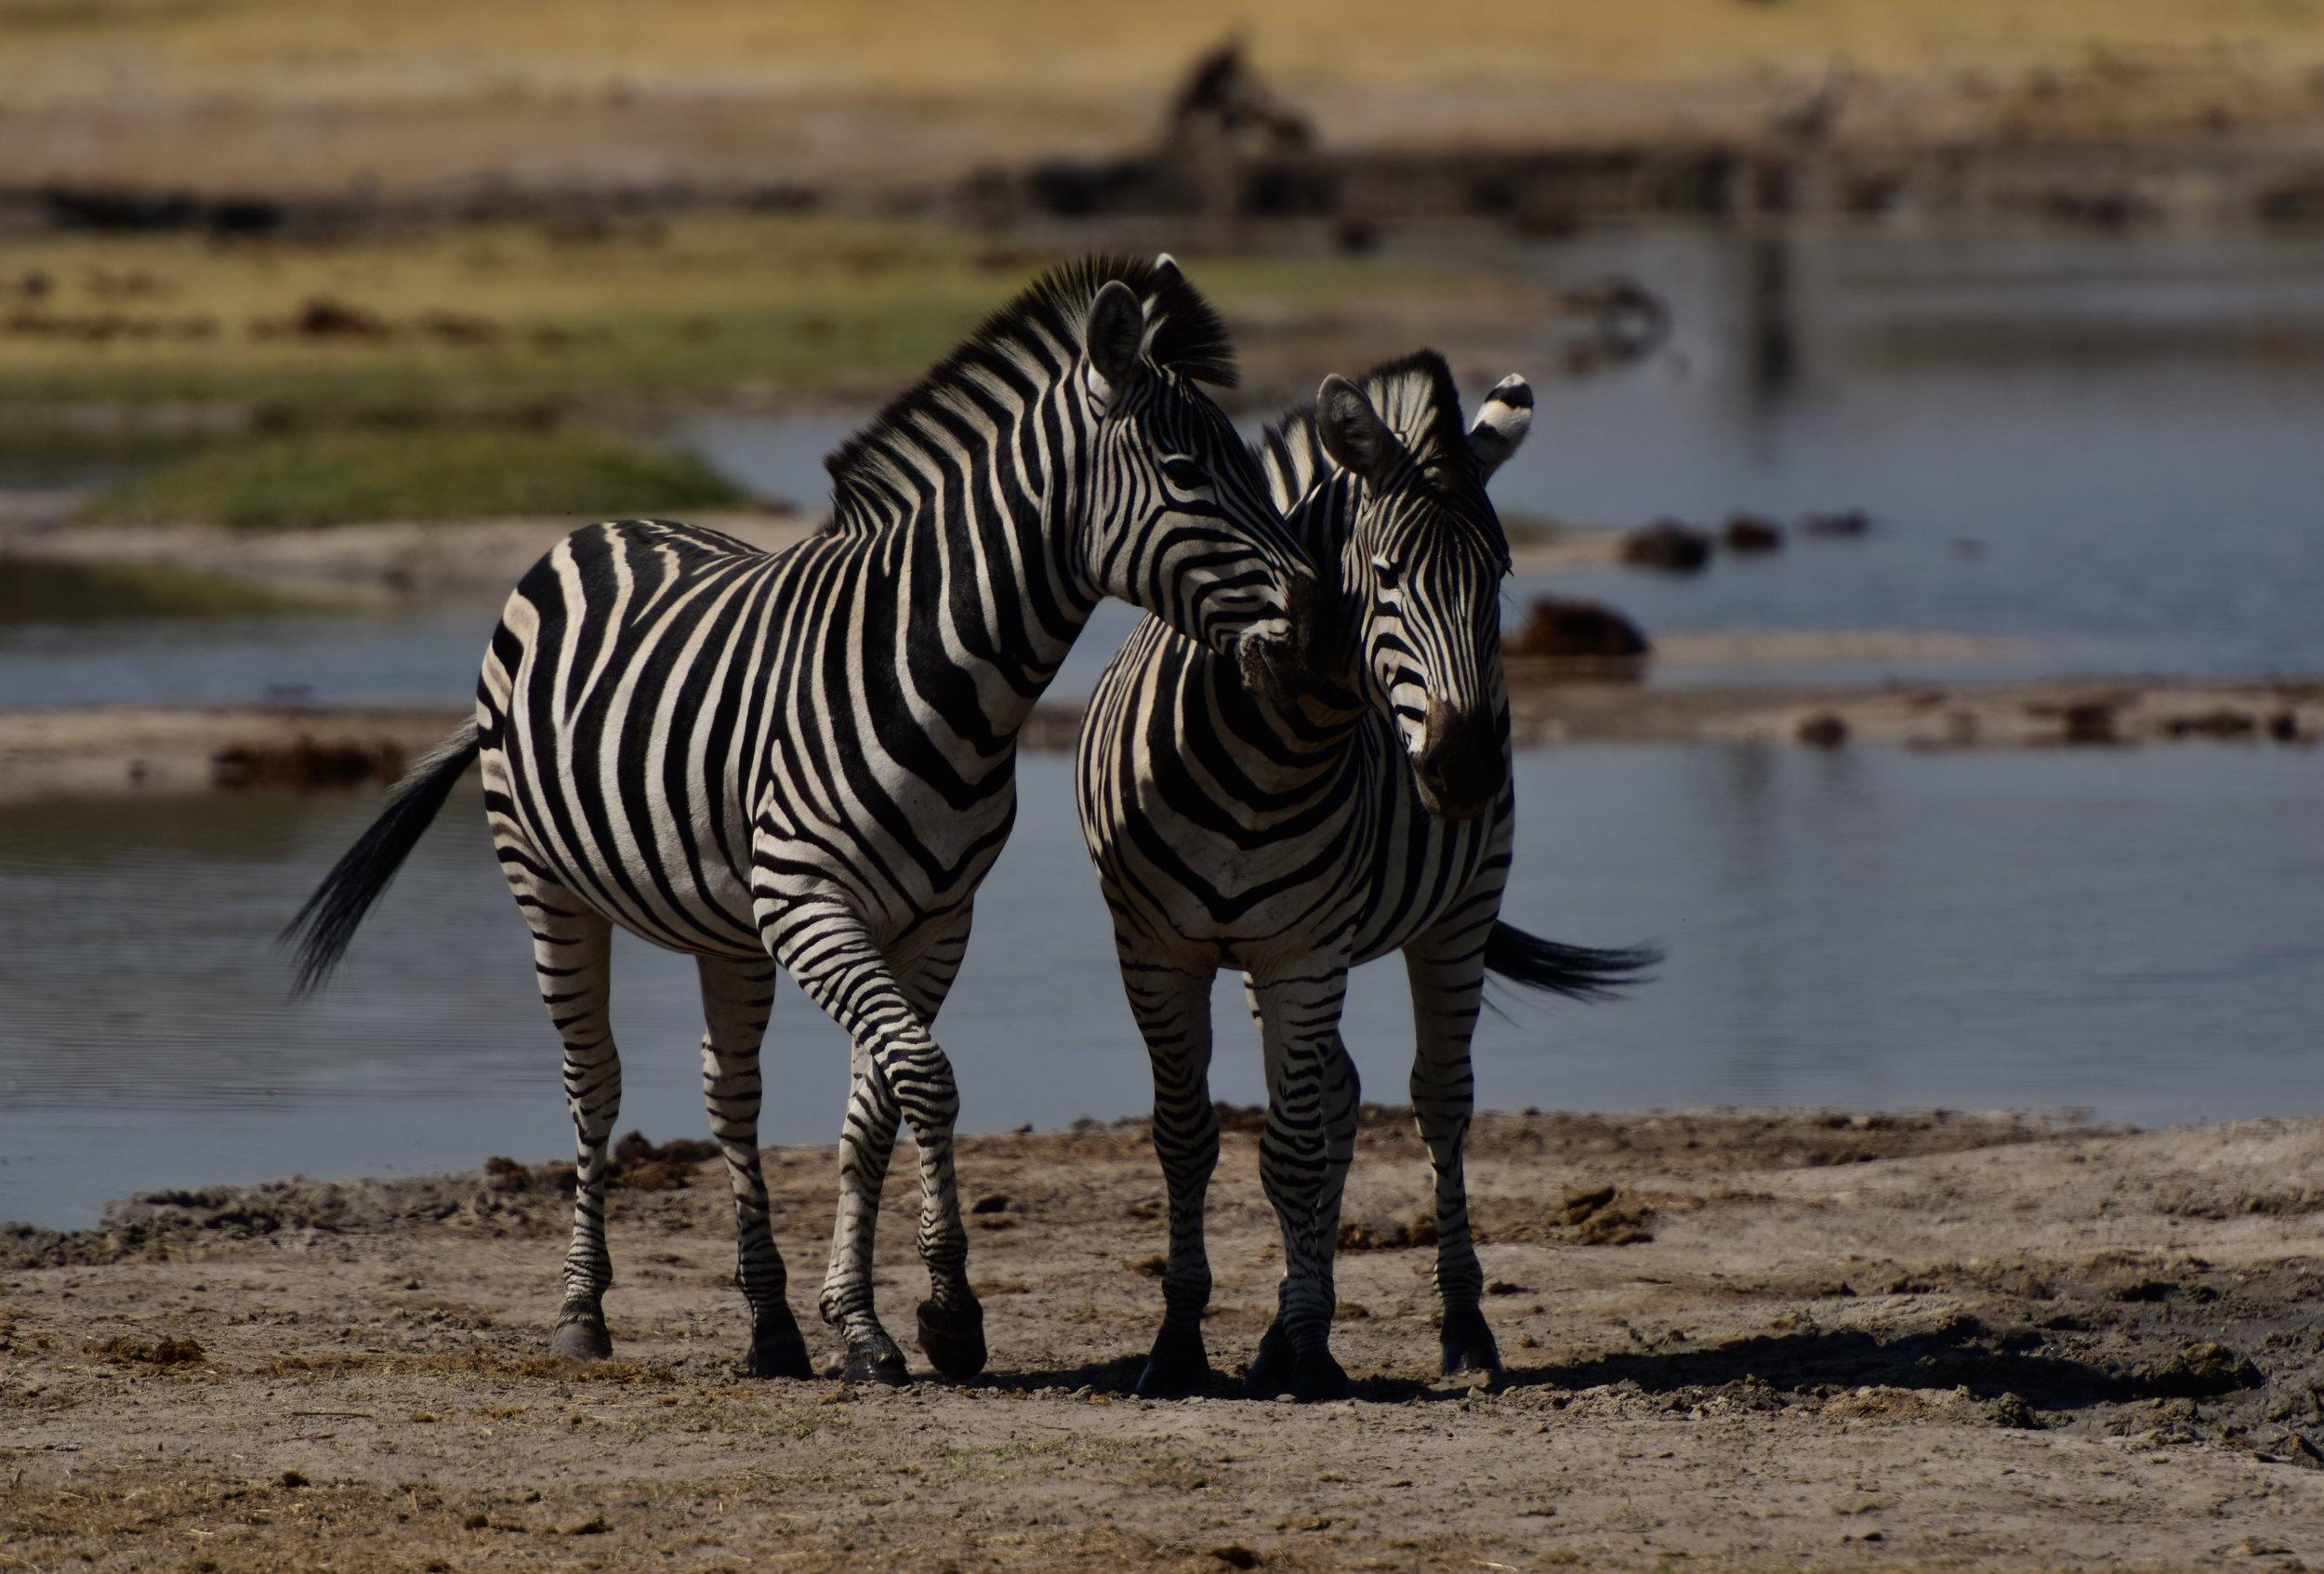 Zebras in love.